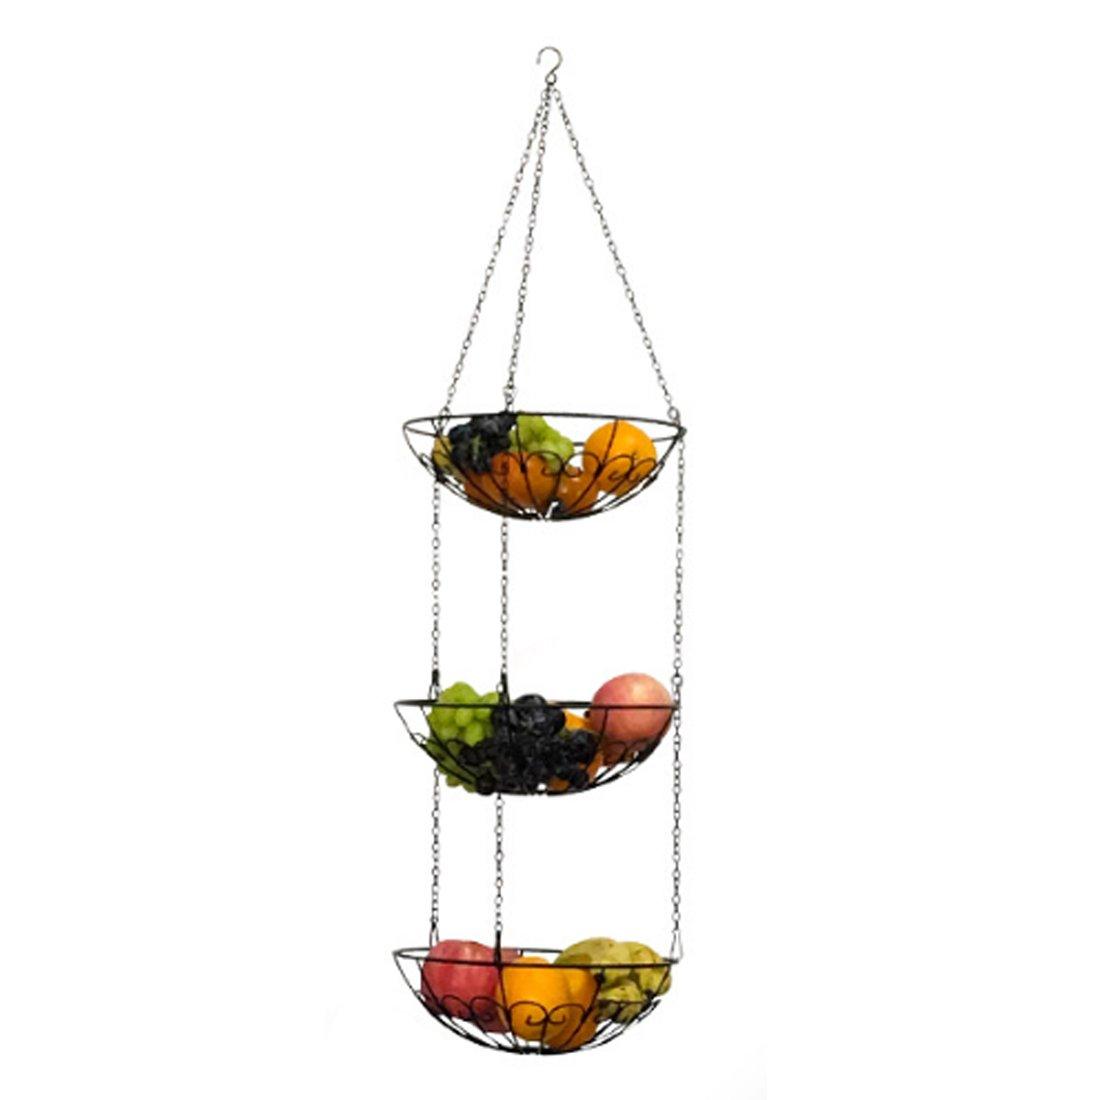 haoun 3-tier HangingフルーツバスケットHanging野菜またはフルーツボウルキッチンストレージbasket-black B07FBL4BRW